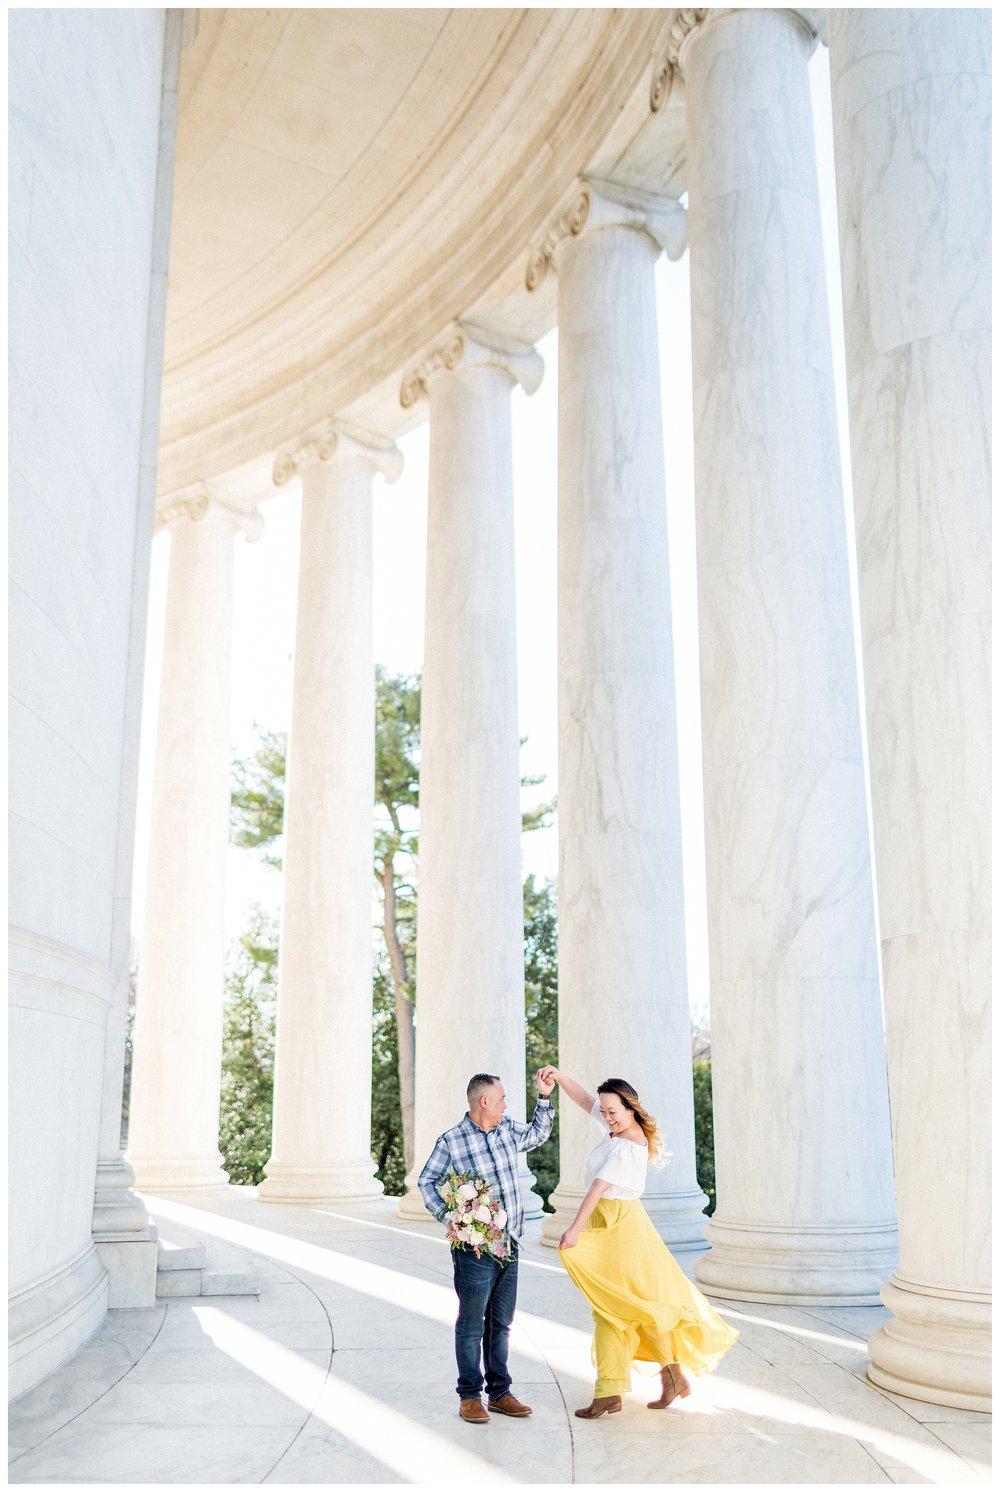 Washington DC Engagement Photos   Thomas Jefferson Engagement Session_0025.jpg